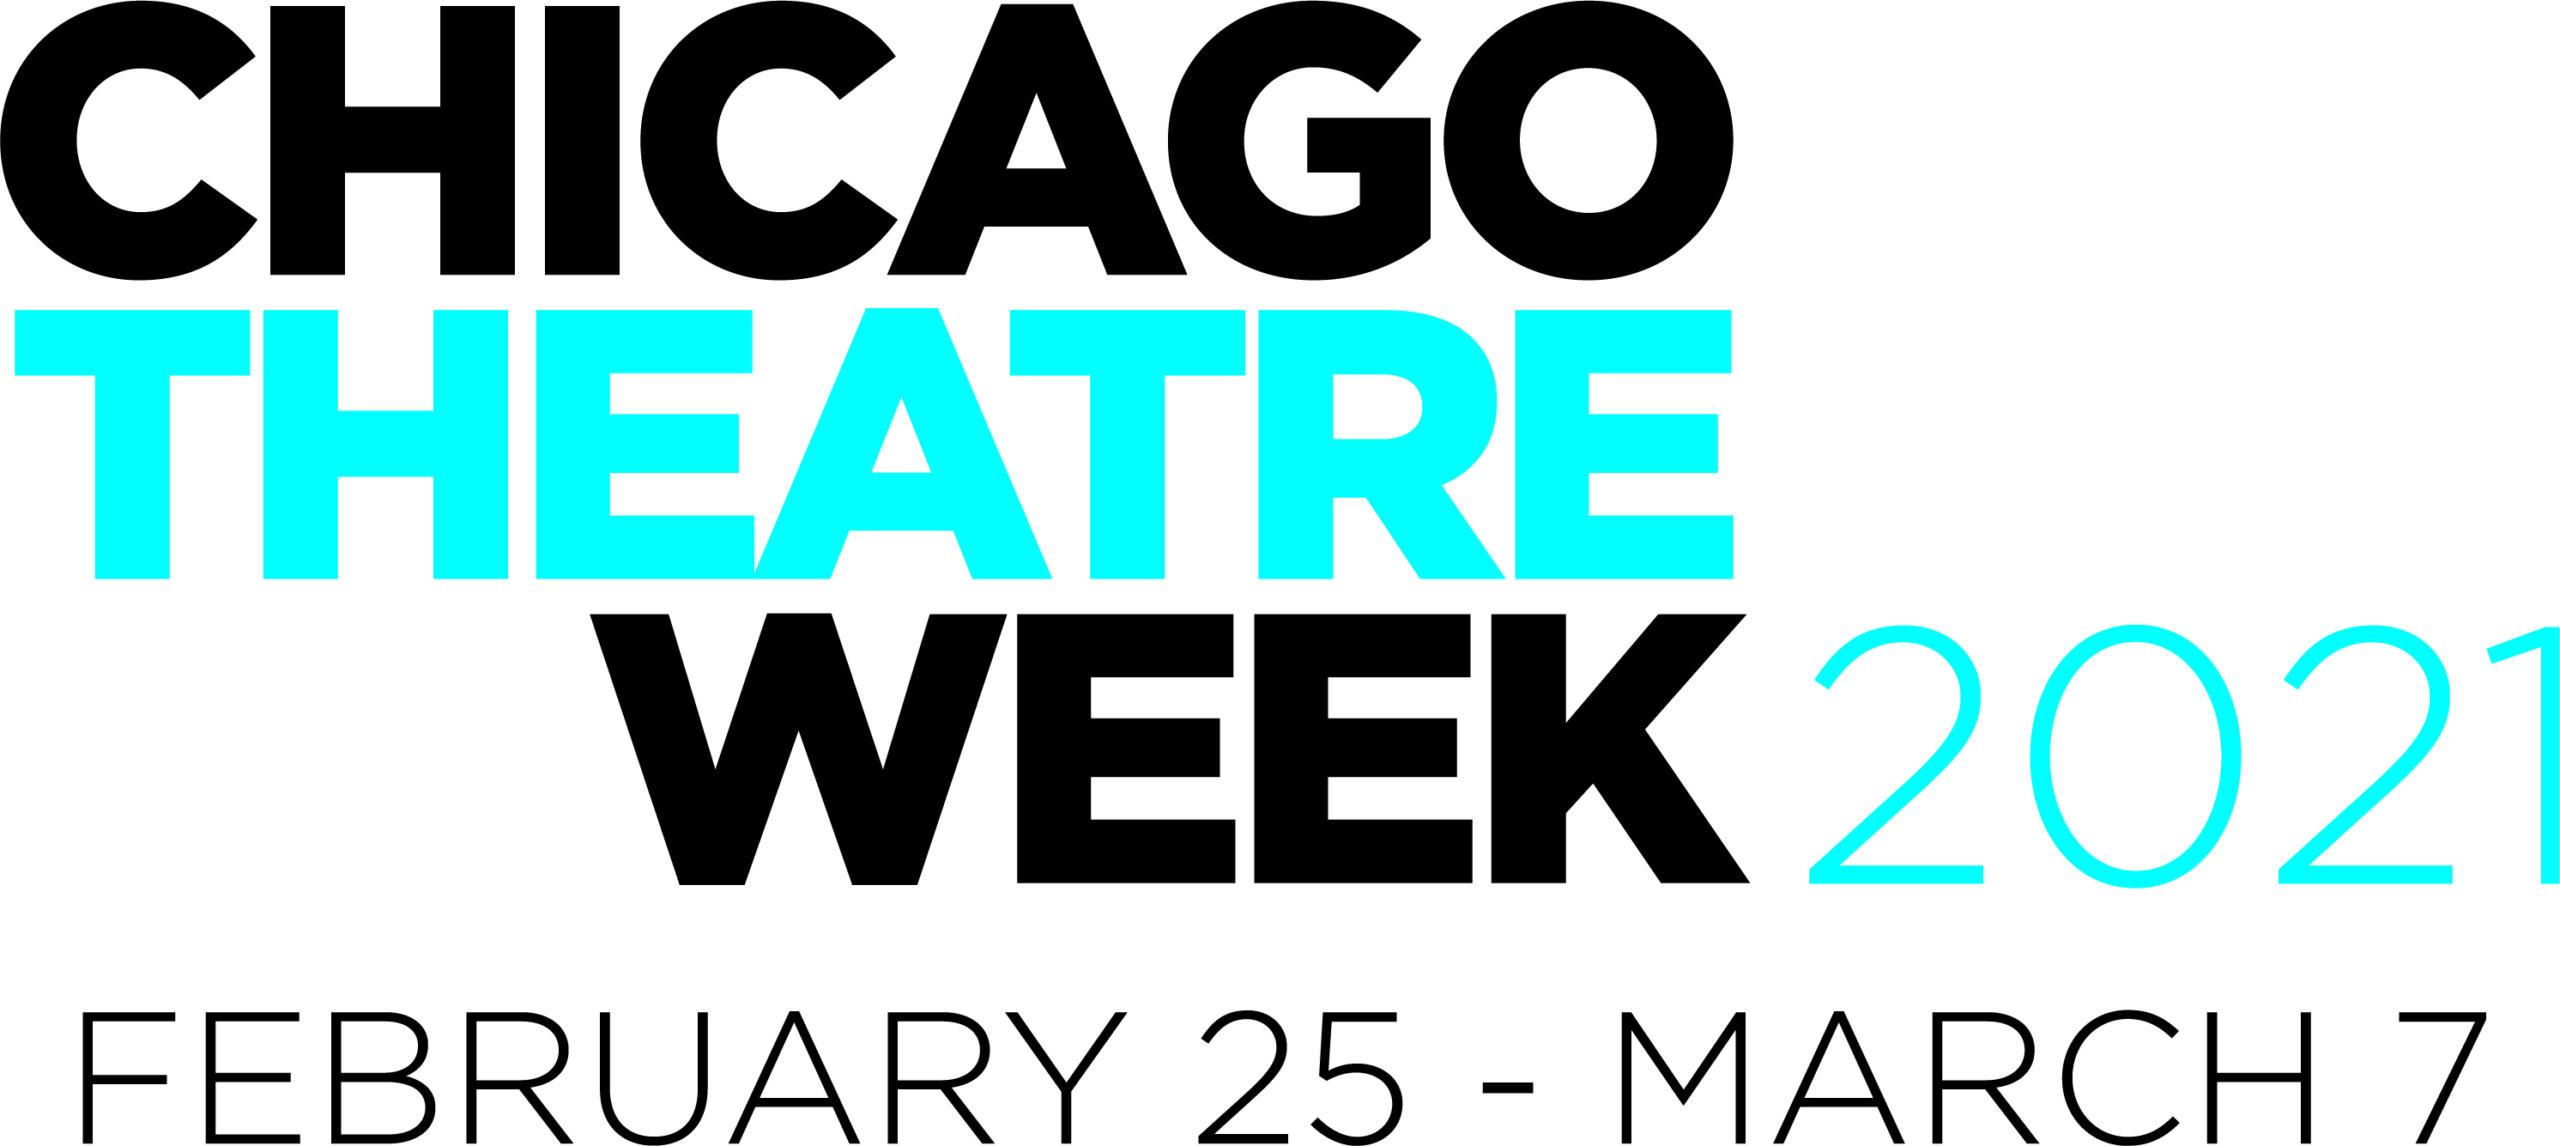 Chicago Theatre Week 2021